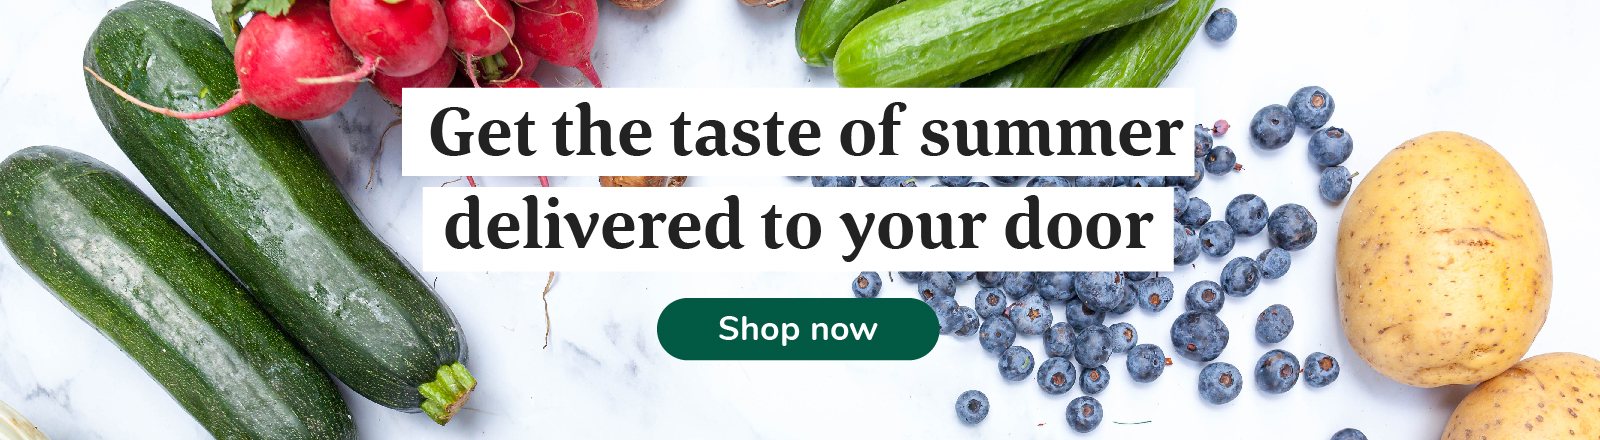 The taste of summer delivered